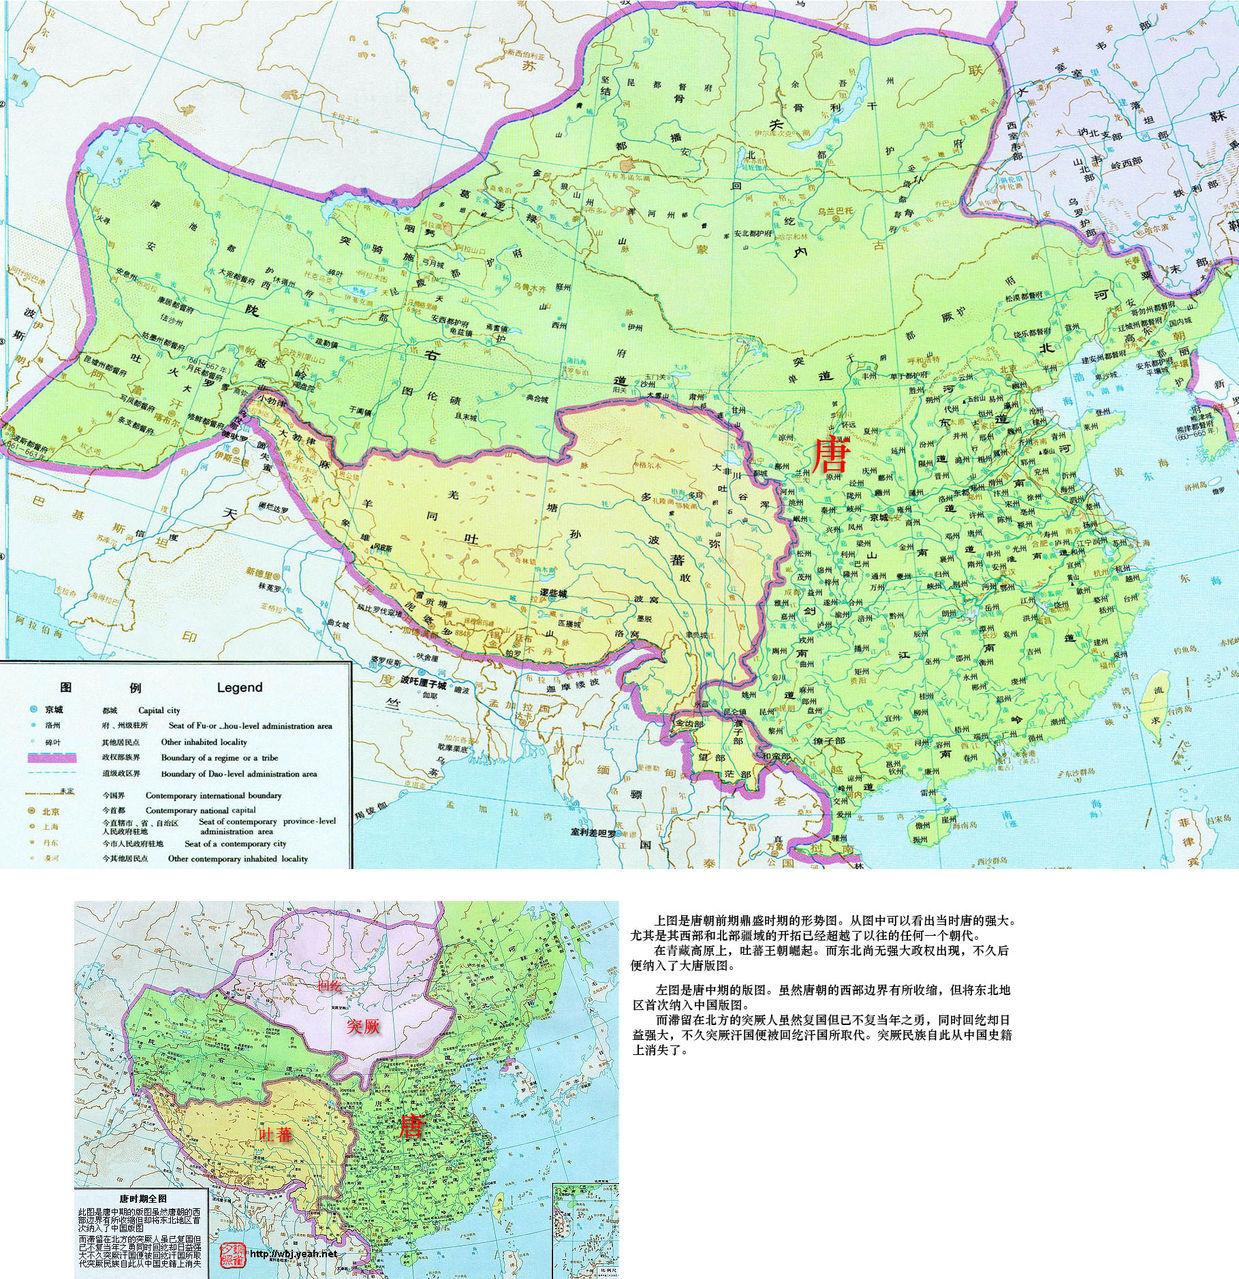 边防空虚,吐蕃趁势进逼,回纥则入据河套草原,使得唐政府能控制之疆域